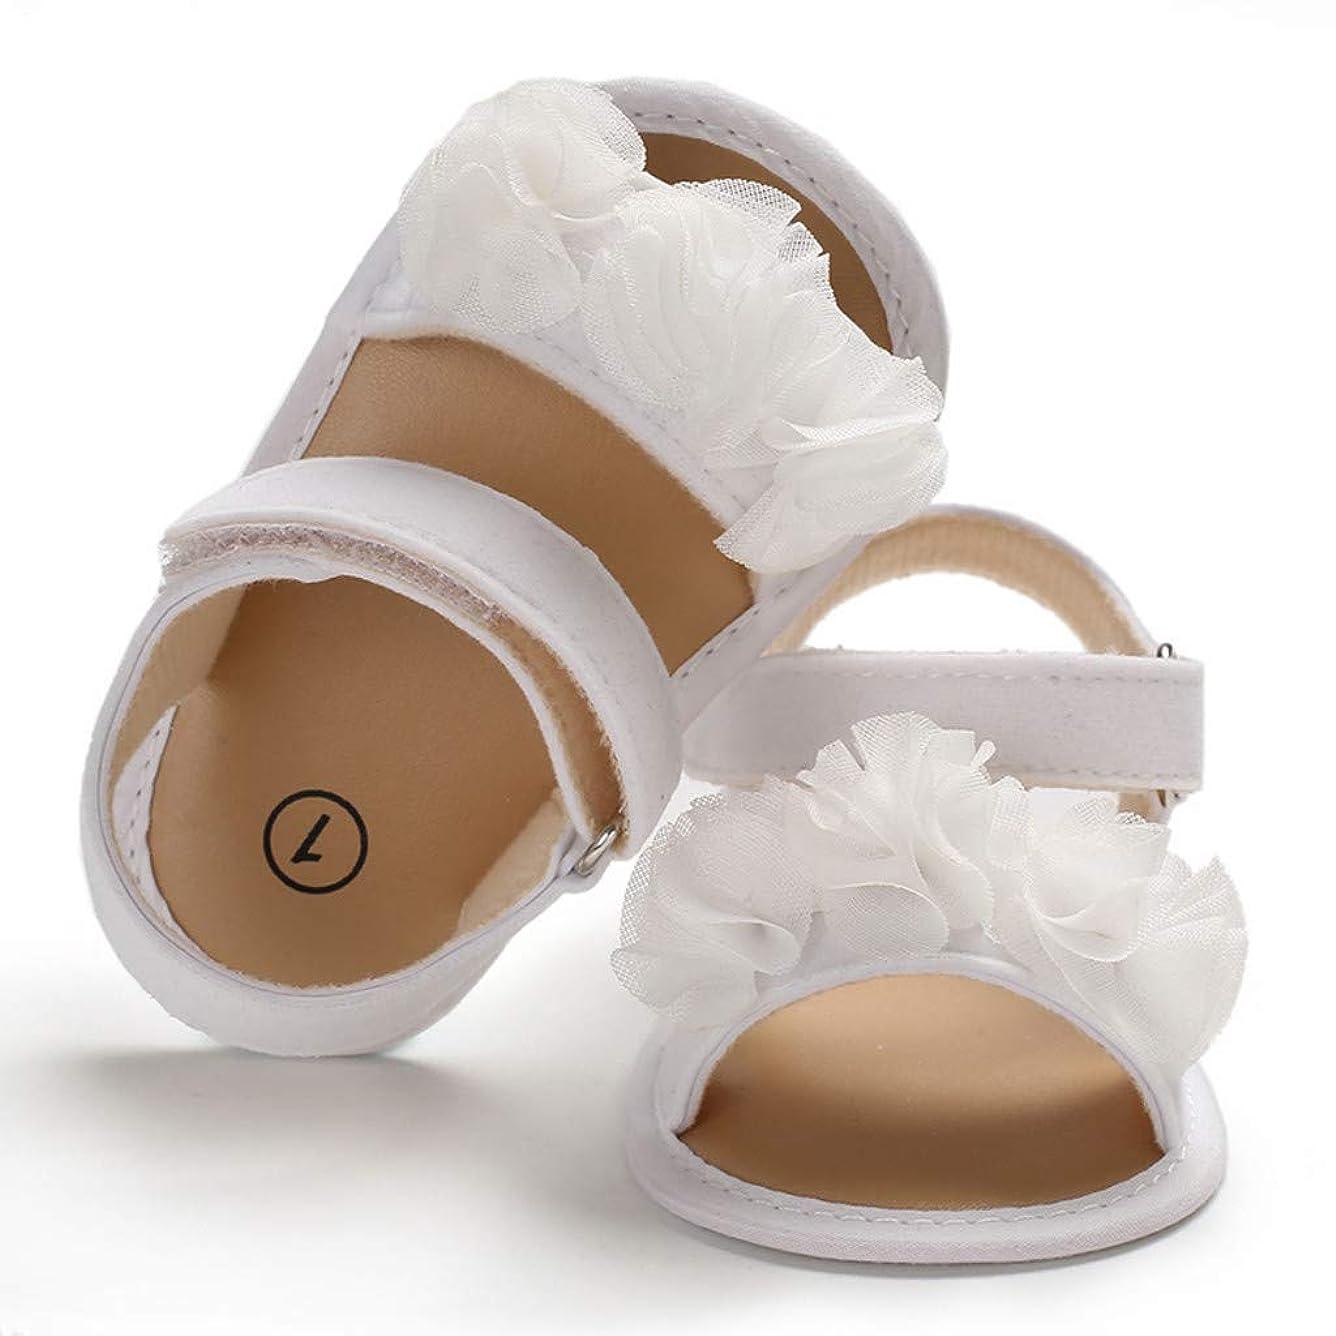 仮説スモッグルネッサンス[Lieteuy] キッズ 靴 ガールシューズ マジックテープ おしゃれ 滑り止め 軽量 蒸れにくい シンプル 可愛い アウトドア 入学式 履き心地いい 入園 入学 卒園 卒業 5色展開 お姫様 子供サンダル 女の子靴 ベビーシューズ